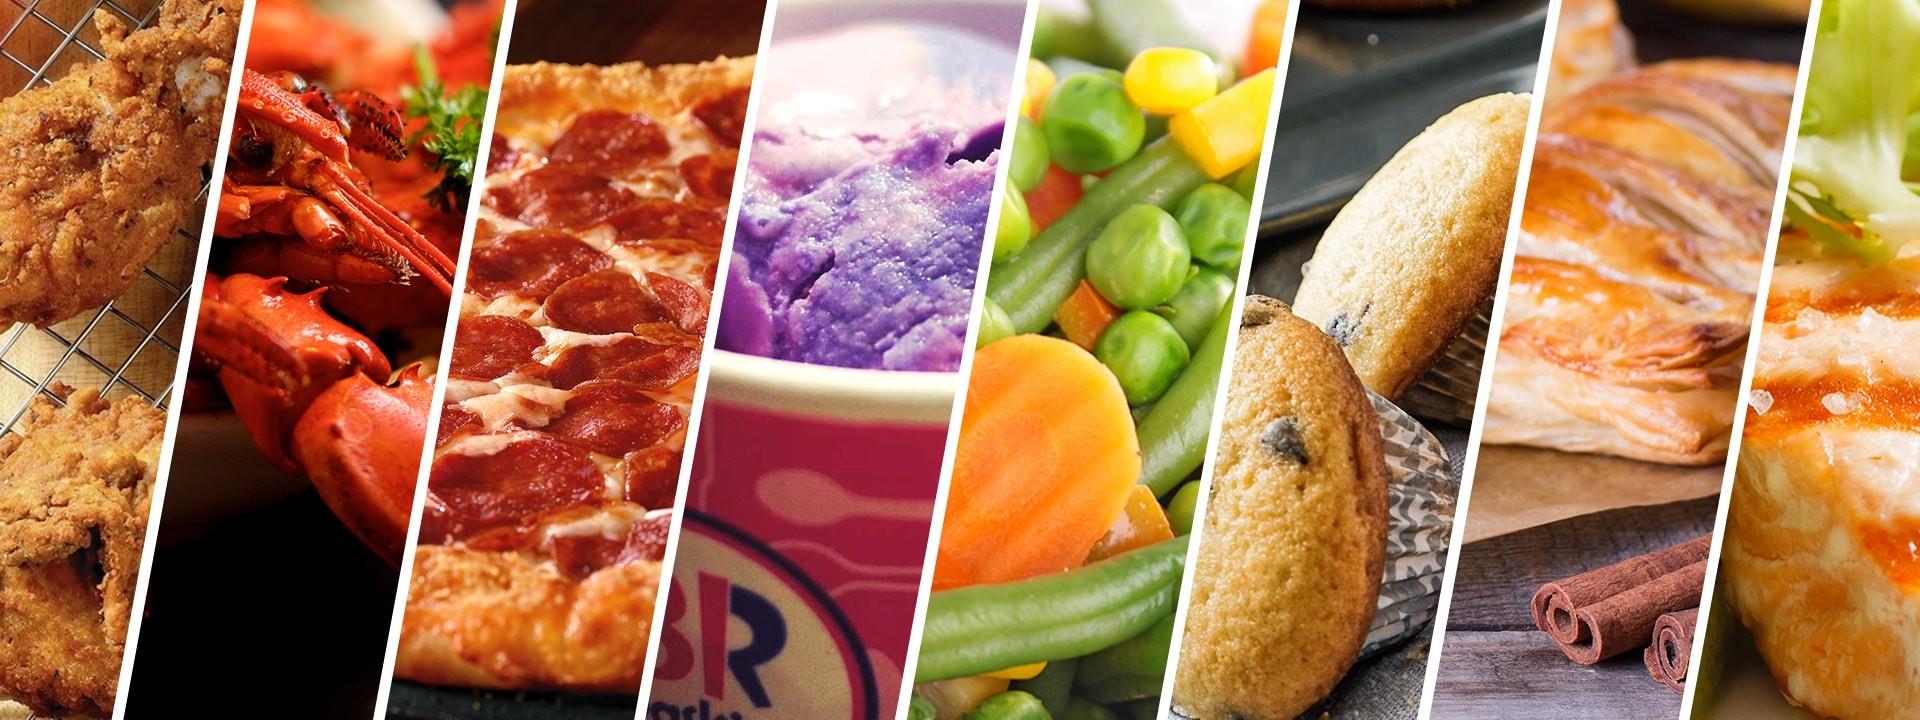 Kuwait Food Company (Americana) | LinkedIn